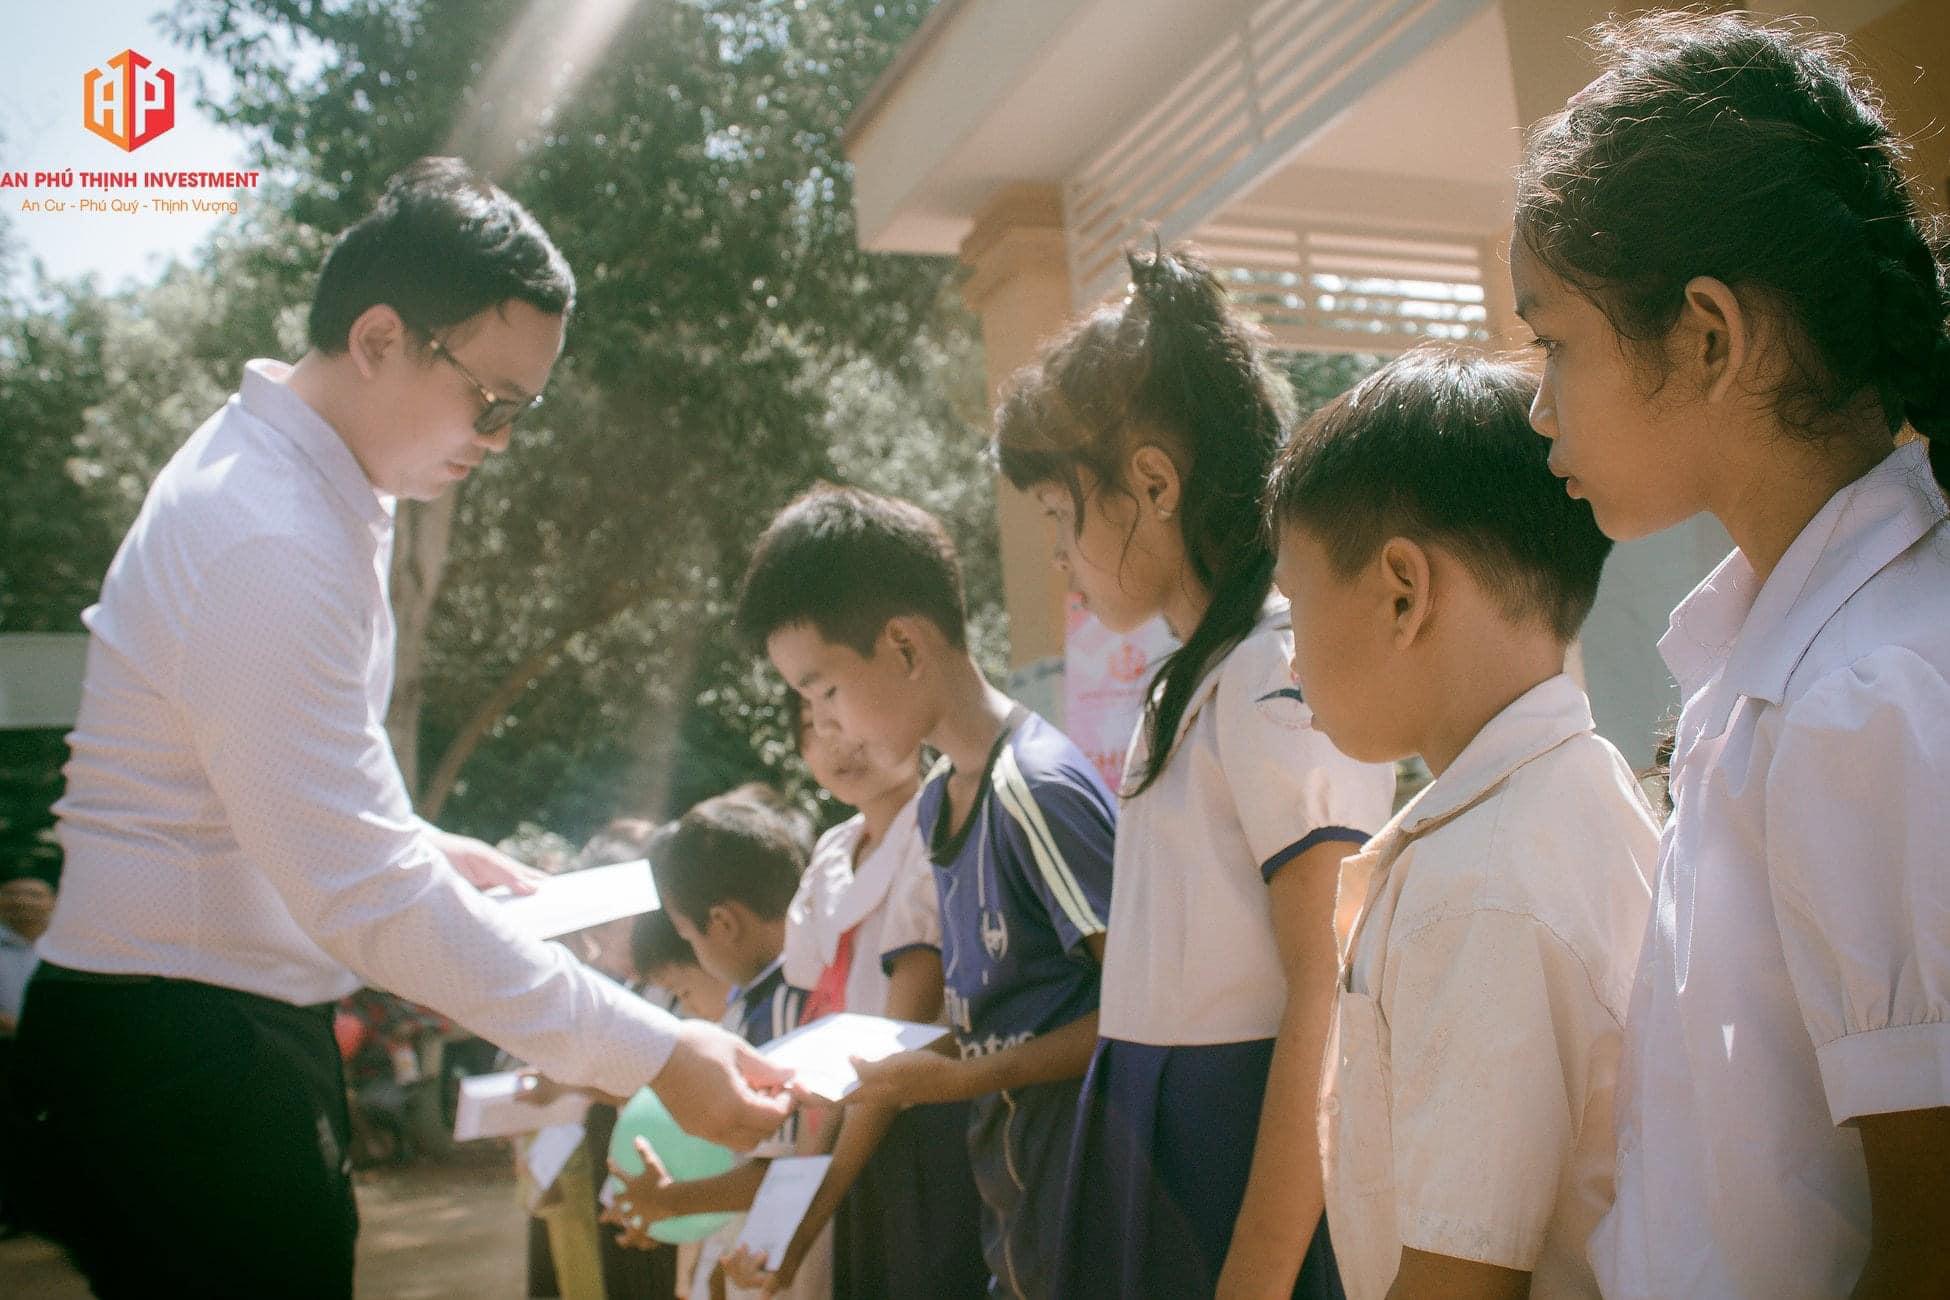 """Tổng Giám Đốc Công Ty Cổ Phần và Phát Triển Nhà Đông Á ông """"Đặng Hữu Lộc"""" đang trao học bổng cho các em"""